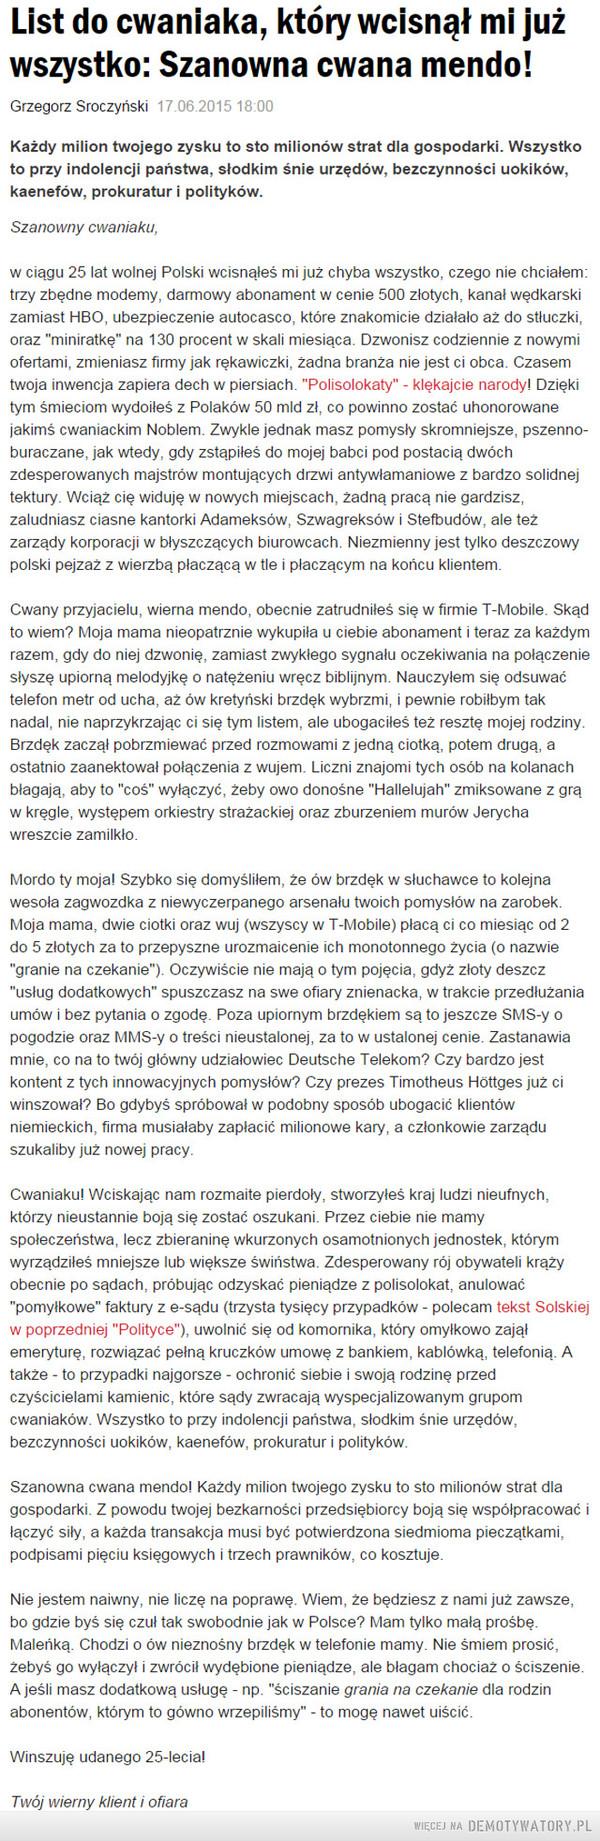 """Odezwa do cwaniaków z wielkich korporacji, którzy wciskają nam gówniane i niepotrzebne usługi – Każdy milion twojego zysku to sto milionów strat dla gospodarki. Wszystko to przy indolencji państwa, słodkim śnie urzędów, bezczynności uokików, kaenefów, prokuratur i polityków.Szanowny cwaniaku,w ciągu 25 lat wolnej Polski wcisnąłeś mi już chyba wszystko, czego nie chciałem: trzy zbędne modemy, darmowy abonament w cenie 500 złotych, kanał wędkarski zamiast HBO, ubezpieczenie autocasco, które znakomicie działało aż do stłuczki, oraz """"miniratkę"""" na 130 procent w skali miesiąca. Dzwonisz codziennie z nowymi ofertami, zmieniasz firmy jak rękawiczki, żadna branża nie jest ci obca. Czasem twoja inwencja zapiera dech w piersiach. """"Polisolokaty"""" - klękajcie narody! Dzięki tym śmieciom wydoiłeś z Polaków 50 mld zł, co powinno zostać uhonorowane jakimś cwaniackim Noblem. Zwykle jednak masz pomysły skromniejsze, pszenno-buraczane, jak wtedy, gdy zstąpiłeś do mojej babci pod postacią dwóch zdesperowanych majstrów montujących drzwi antywłamaniowe z bardzo solidnej tektury. Wciąż cię widuję w nowych miejscach, żadną pracą nie gardzisz, zaludniasz ciasne kantorki Adameksów, Szwagreksów i Stefbudów, ale też zarządy korporacji w błyszczących biurowcach. Niezmienny jest tylko deszczowy polski pejzaż z wierzbą płaczącą w tle i płaczącym na końcu klientem.Cwany przyjacielu, wierna mendo, obecnie zatrudniłeś się w firmie T-Mobile. Skąd to wiem? Moja mama nieopatrznie wykupiła u ciebie abonament i teraz za każdym razem, gdy do niej dzwonię, zamiast zwykłego sygnału oczekiwania na połączenie słyszę upiorną melodyjkę o natężeniu wręcz biblijnym. Nauczyłem się odsuwać telefon metr od ucha, aż ów kretyński brzdęk wybrzmi, i pewnie robiłbym tak nadal, nie naprzykrzając ci się tym listem, ale ubogaciłeś też resztę mojej rodziny. Brzdęk zaczął pobrzmiewać przed rozmowami z jedną ciotką, potem drugą, a ostatnio zaanektował połączenia z wujem. Liczni znajomi tych osób na kolanach błagają, aby to """"co"""